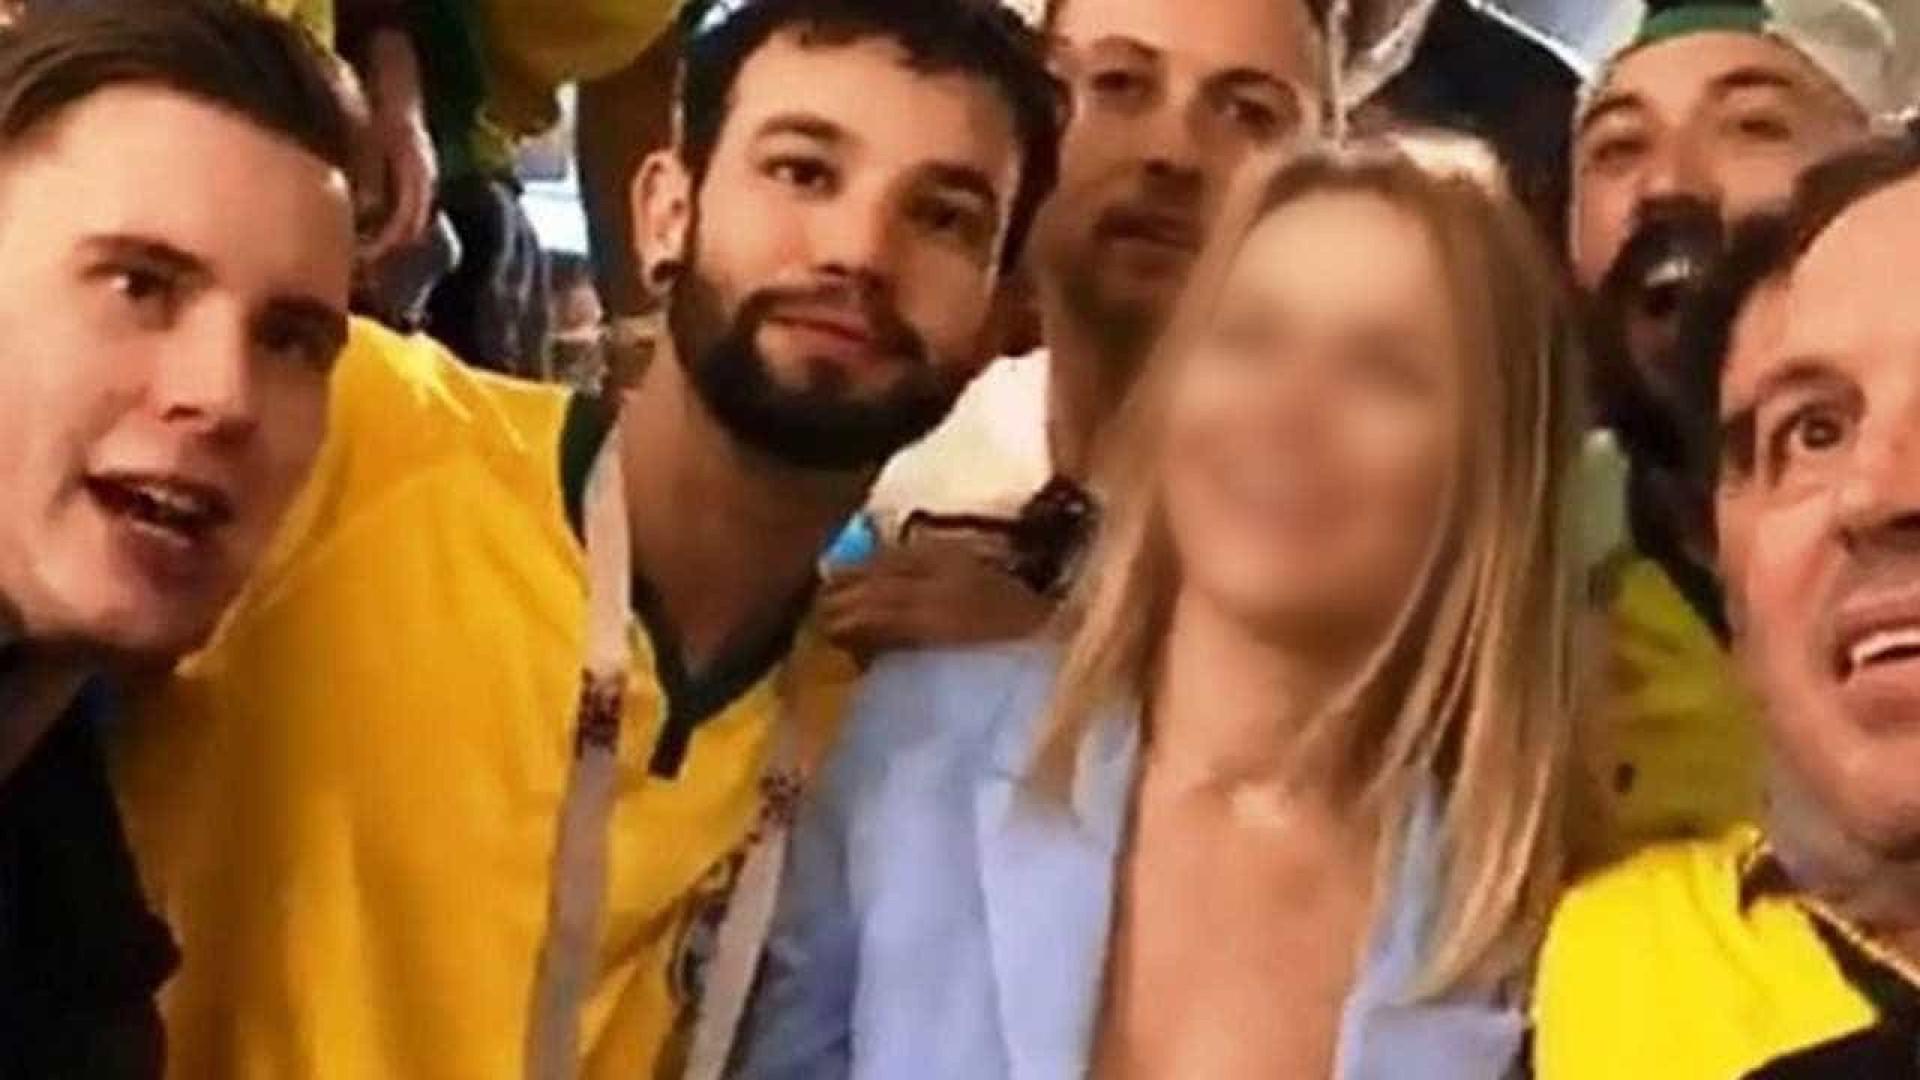 Jurista denuncia brasileiros que humilharam mulher na Rússia